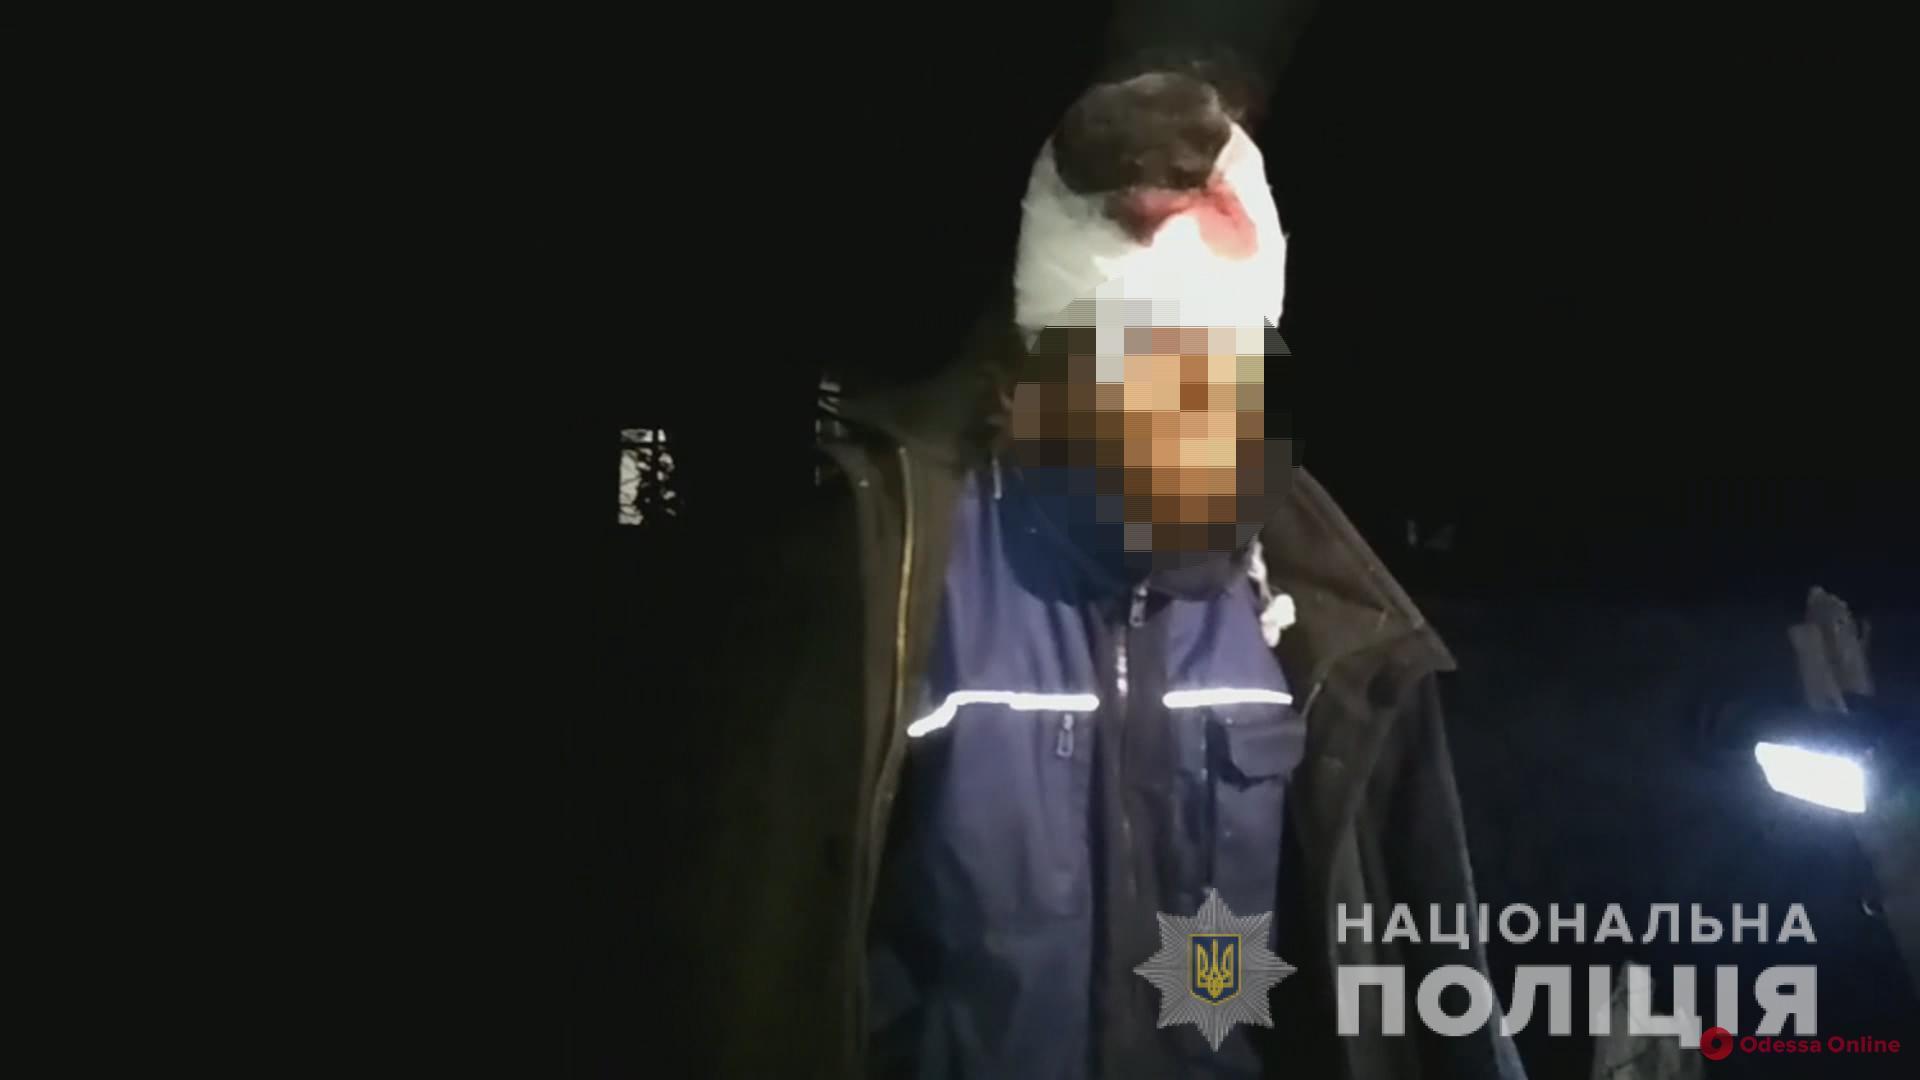 В одесской полиции рассказали подробности задержания «убийцы на лошади» (видео)